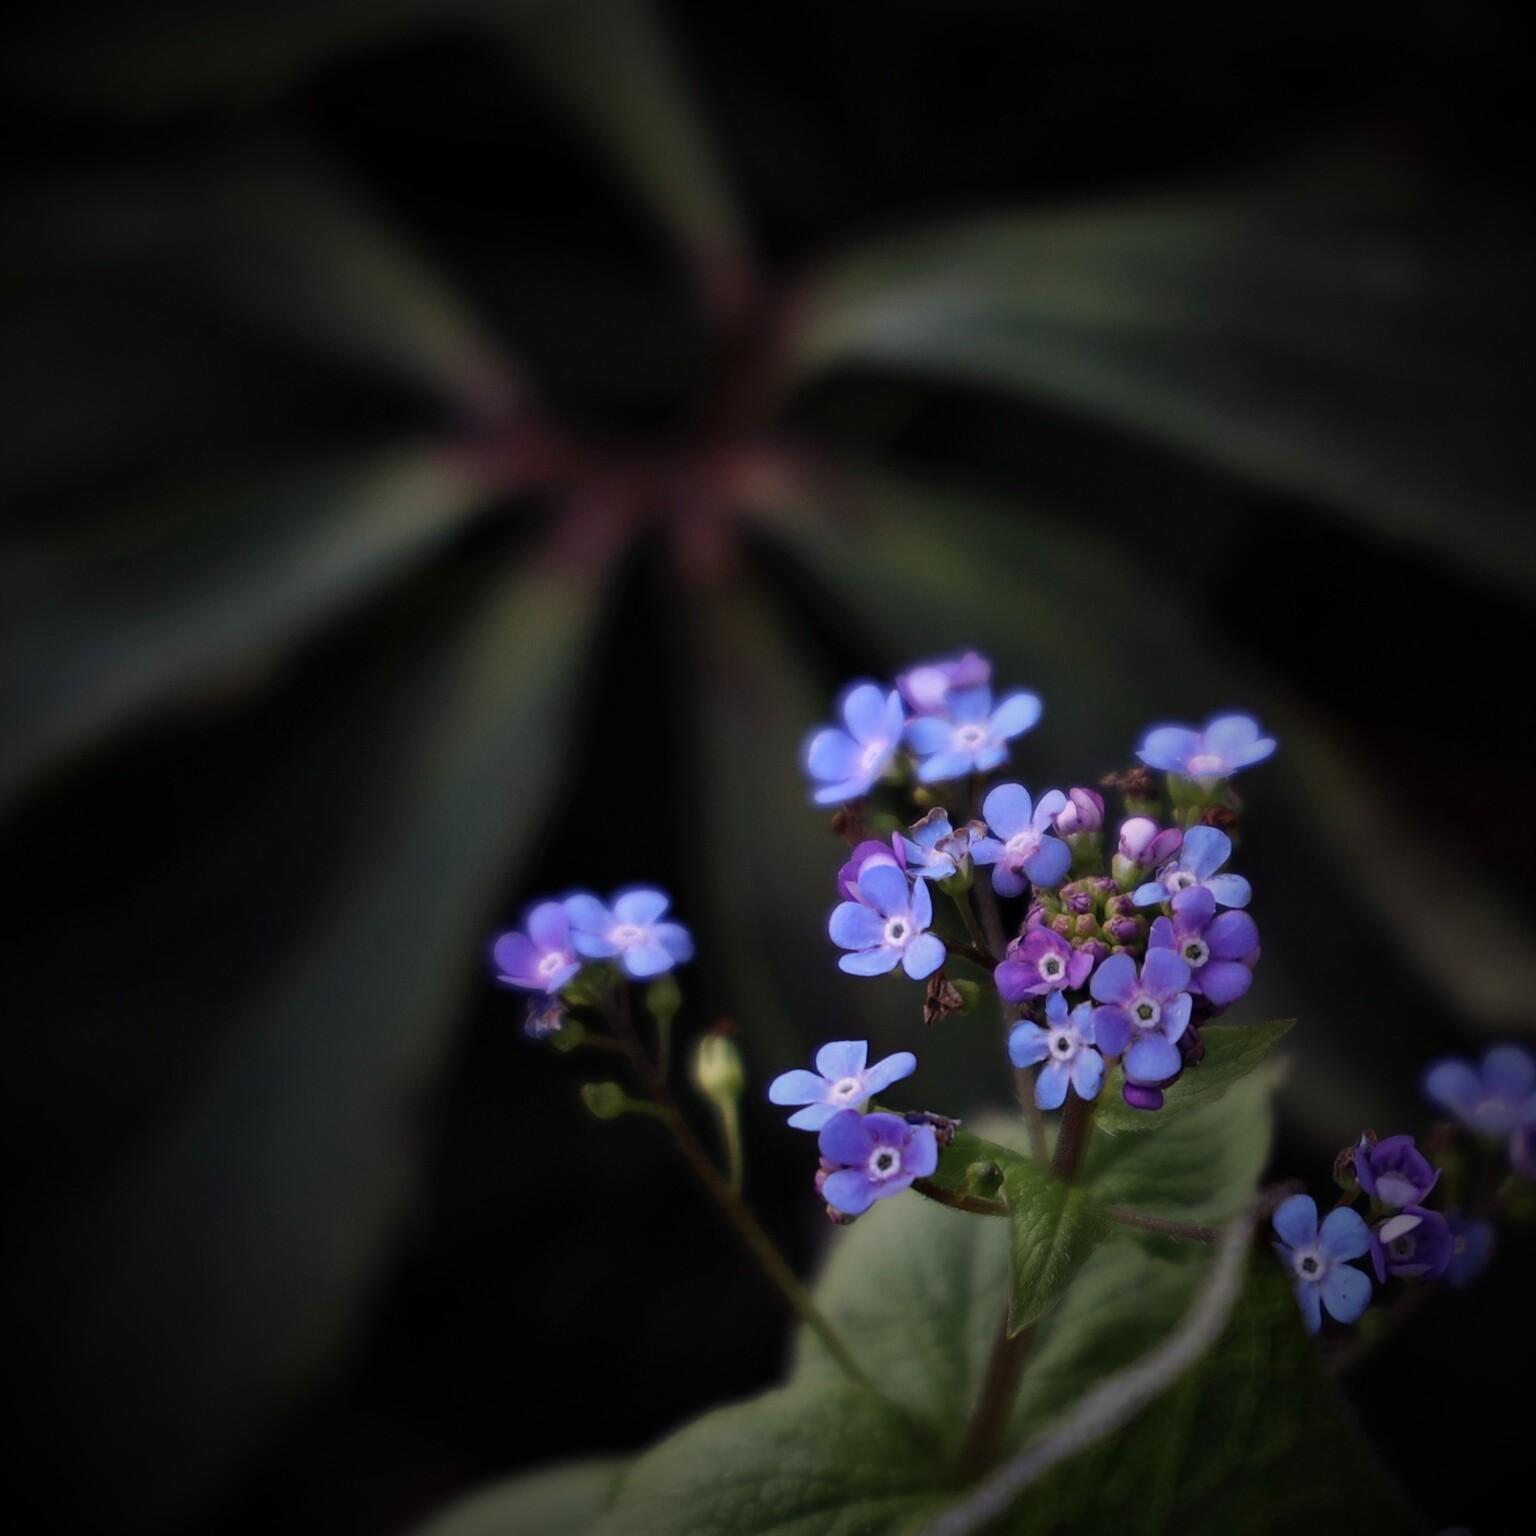 Bloemetje - Met mooie achtergrond - foto door MarideKort op 13-04-2021 - deze foto bevat: bloem, fabriek, bloemblaadje, purper, vergeet me niet, water vergeet mij niet, terrestrische plant, paars, bloeiende plant, kruidachtige plant